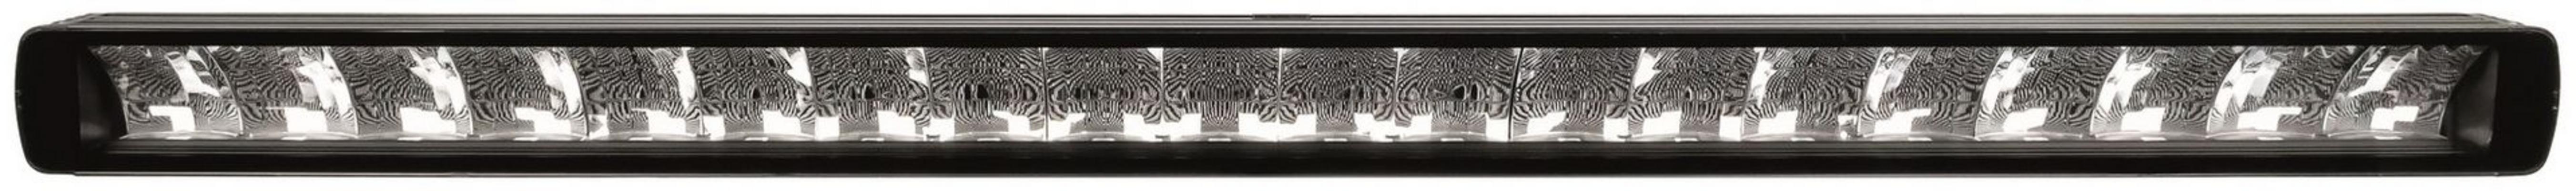 Led-lisävalo Savage 50 - Suorakaide| 127,6 cm | 18000 lm | ref. 40, Optibeam